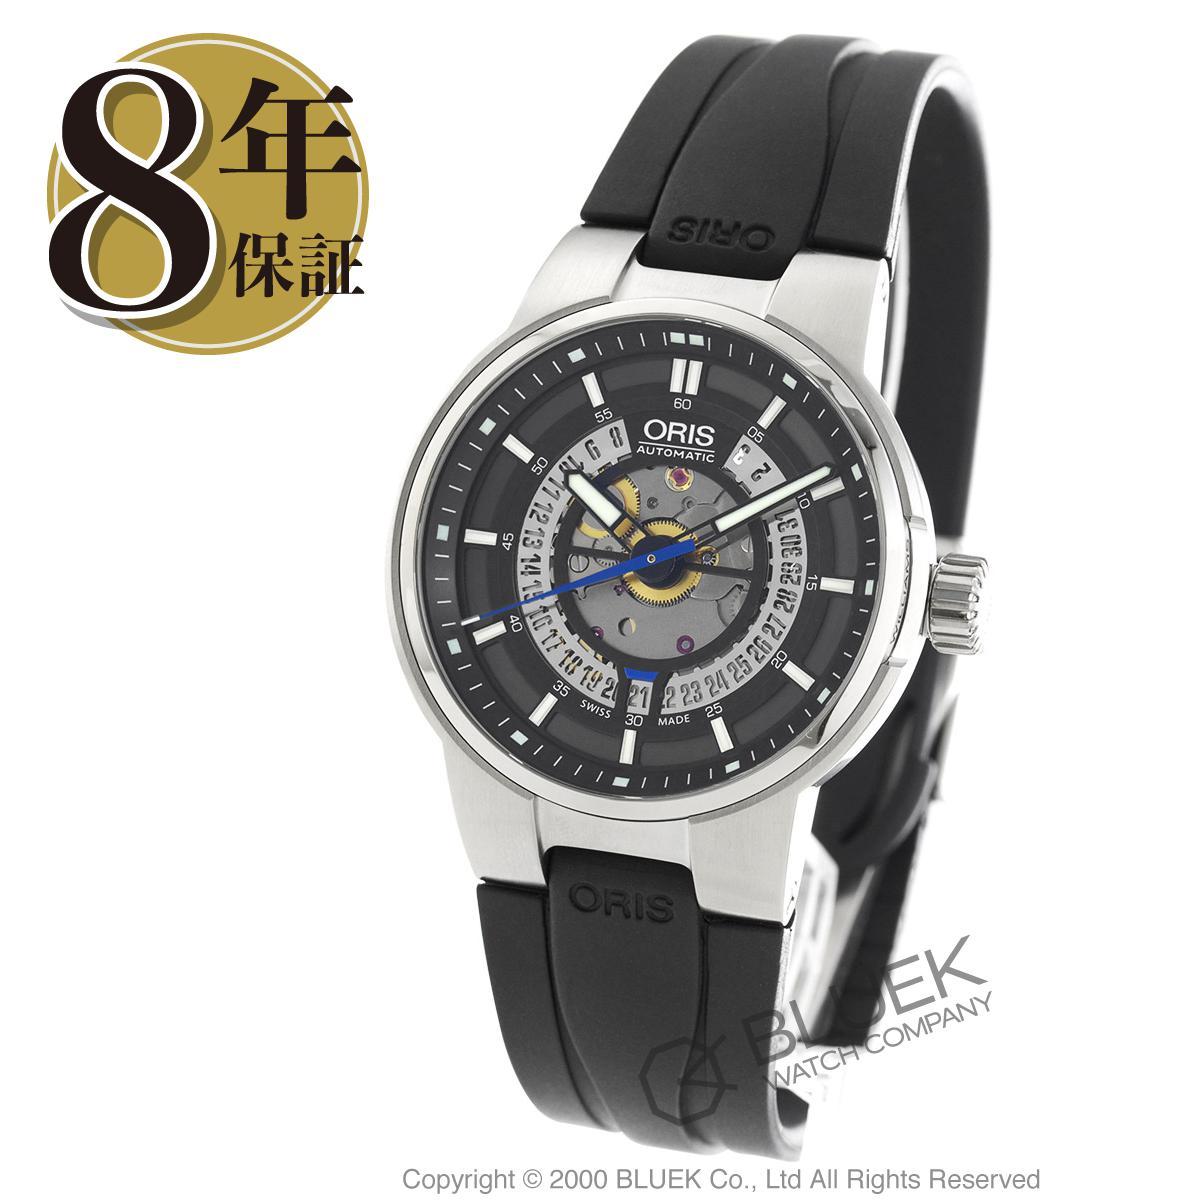 オリス ウィリアムズ エンジン 腕時計 メンズ ORIS 733 7740 4154R_8 バーゲン 成人祝い ギフト プレゼント